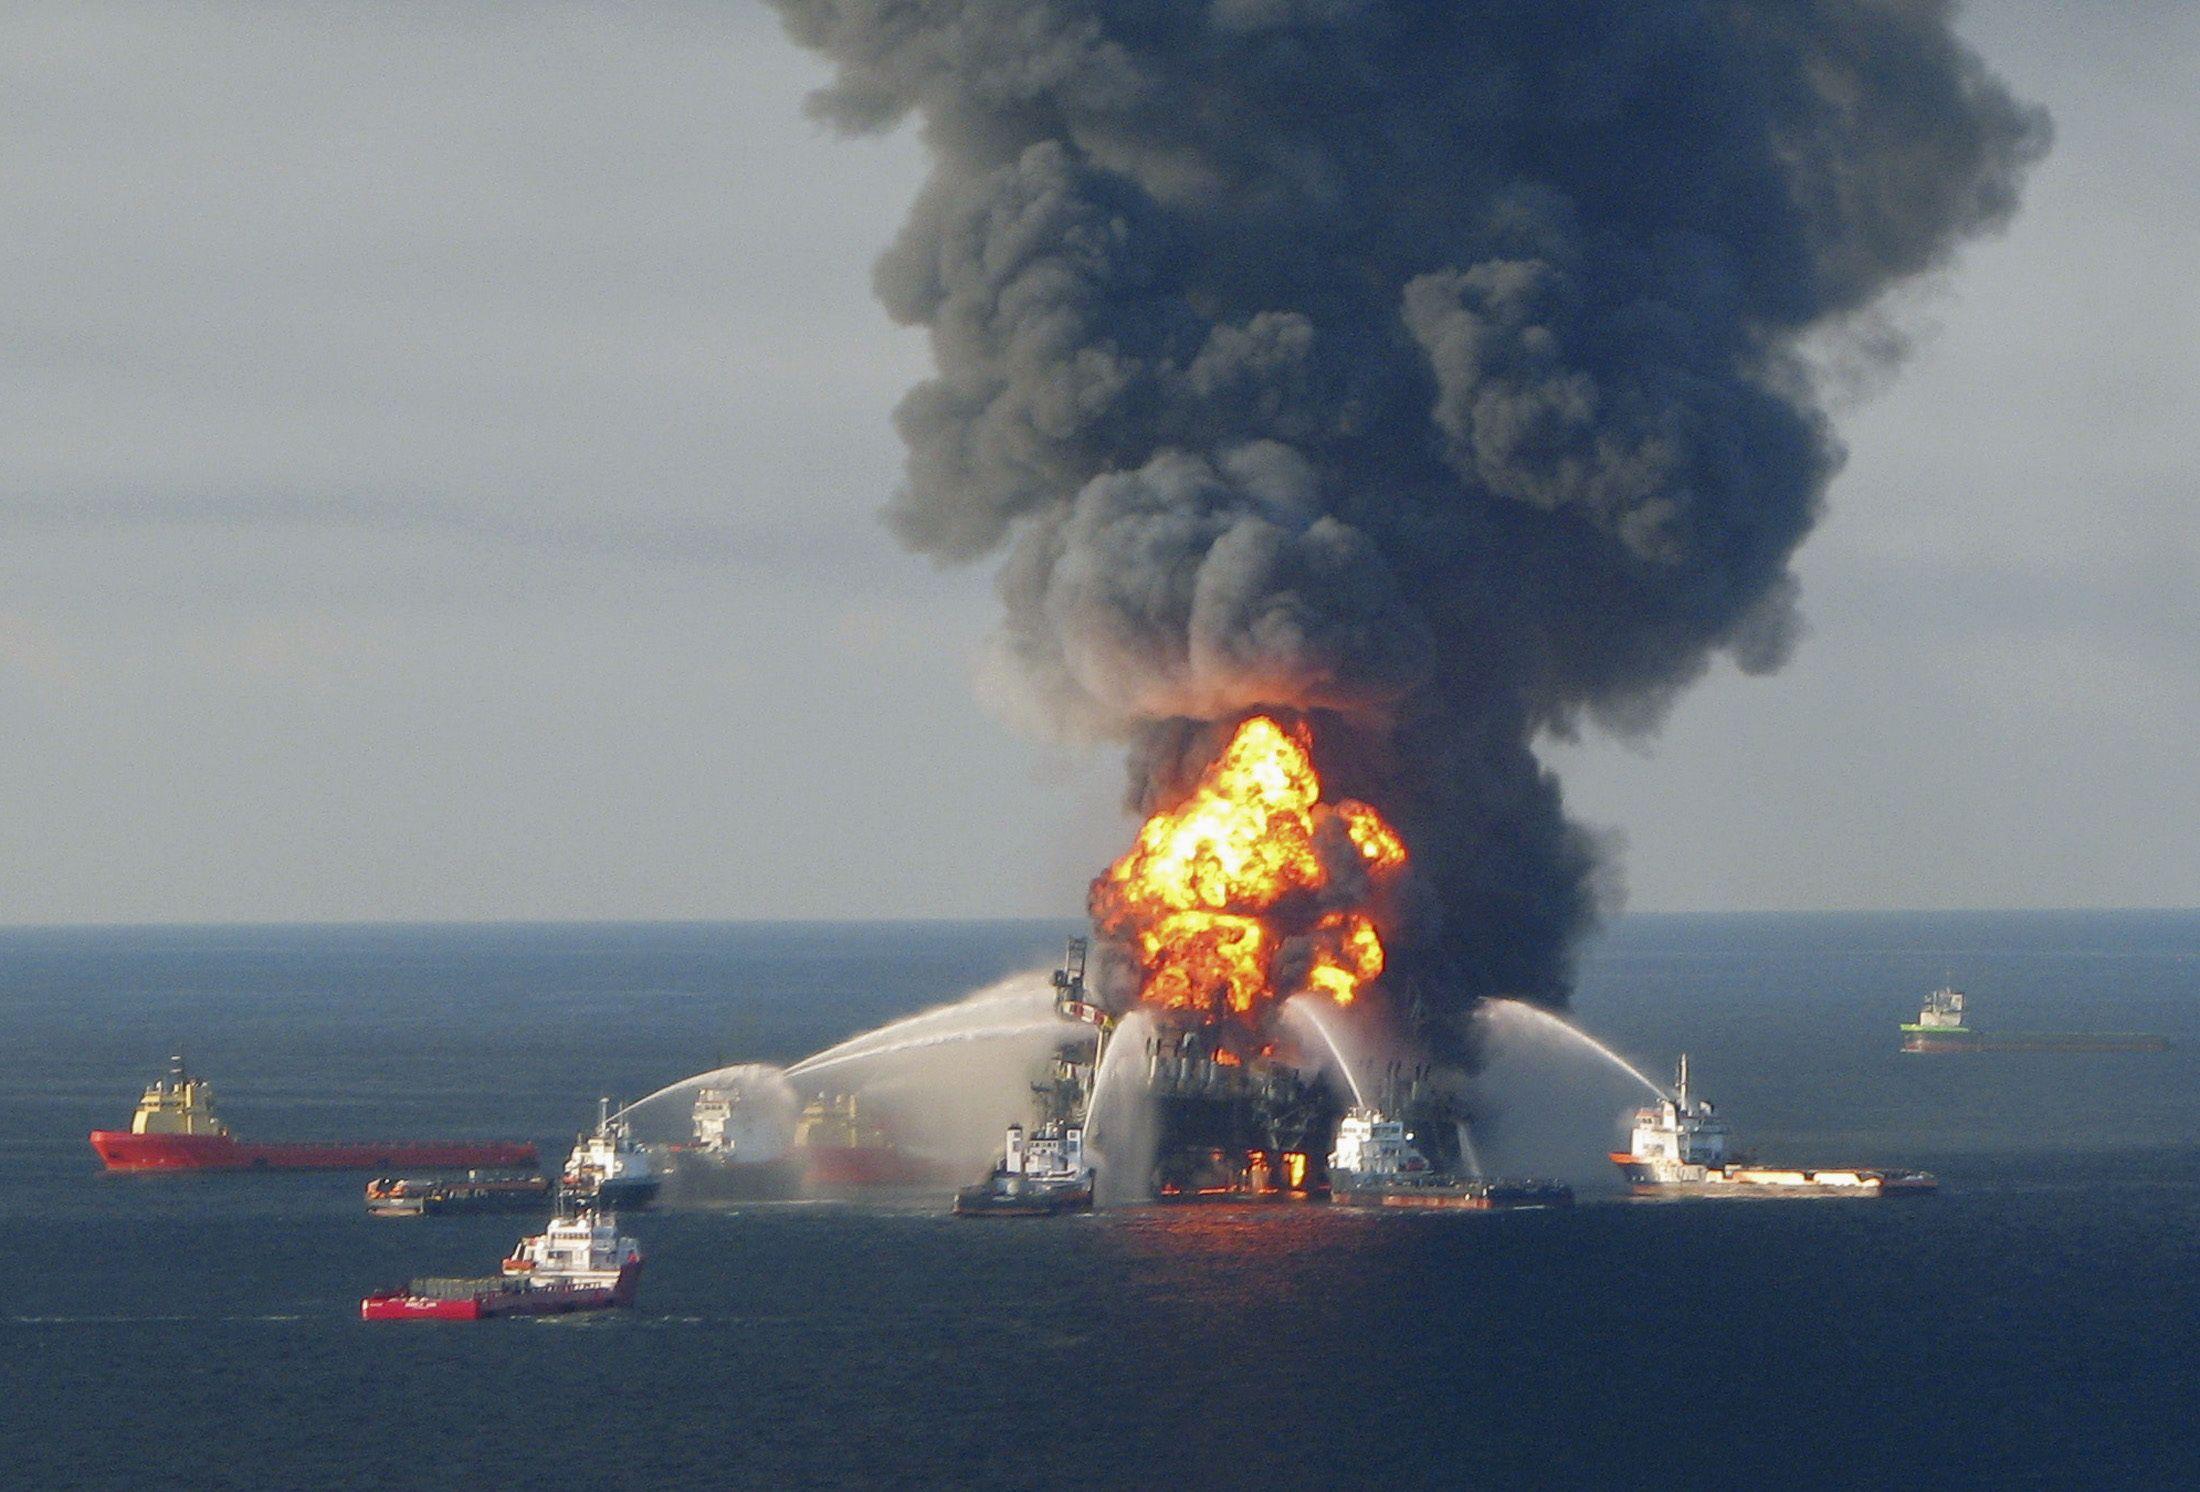 Bp oil spill date in Sydney